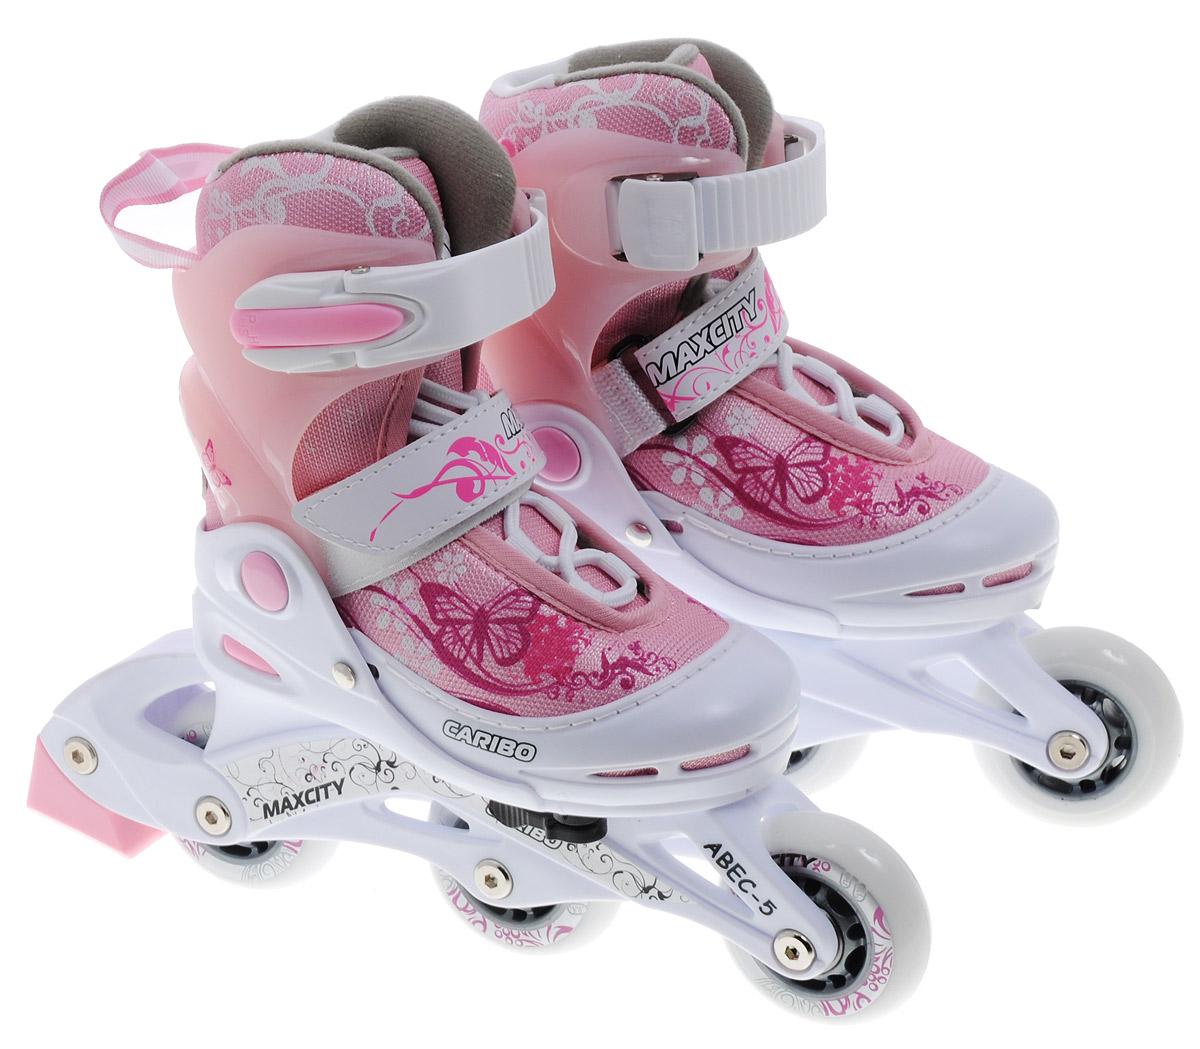 Комплект MaxCity Caribo Combo Girl: коньки роликовые раздвижные, защита, шлем, цвет: розовый, белый. Размер 34/37